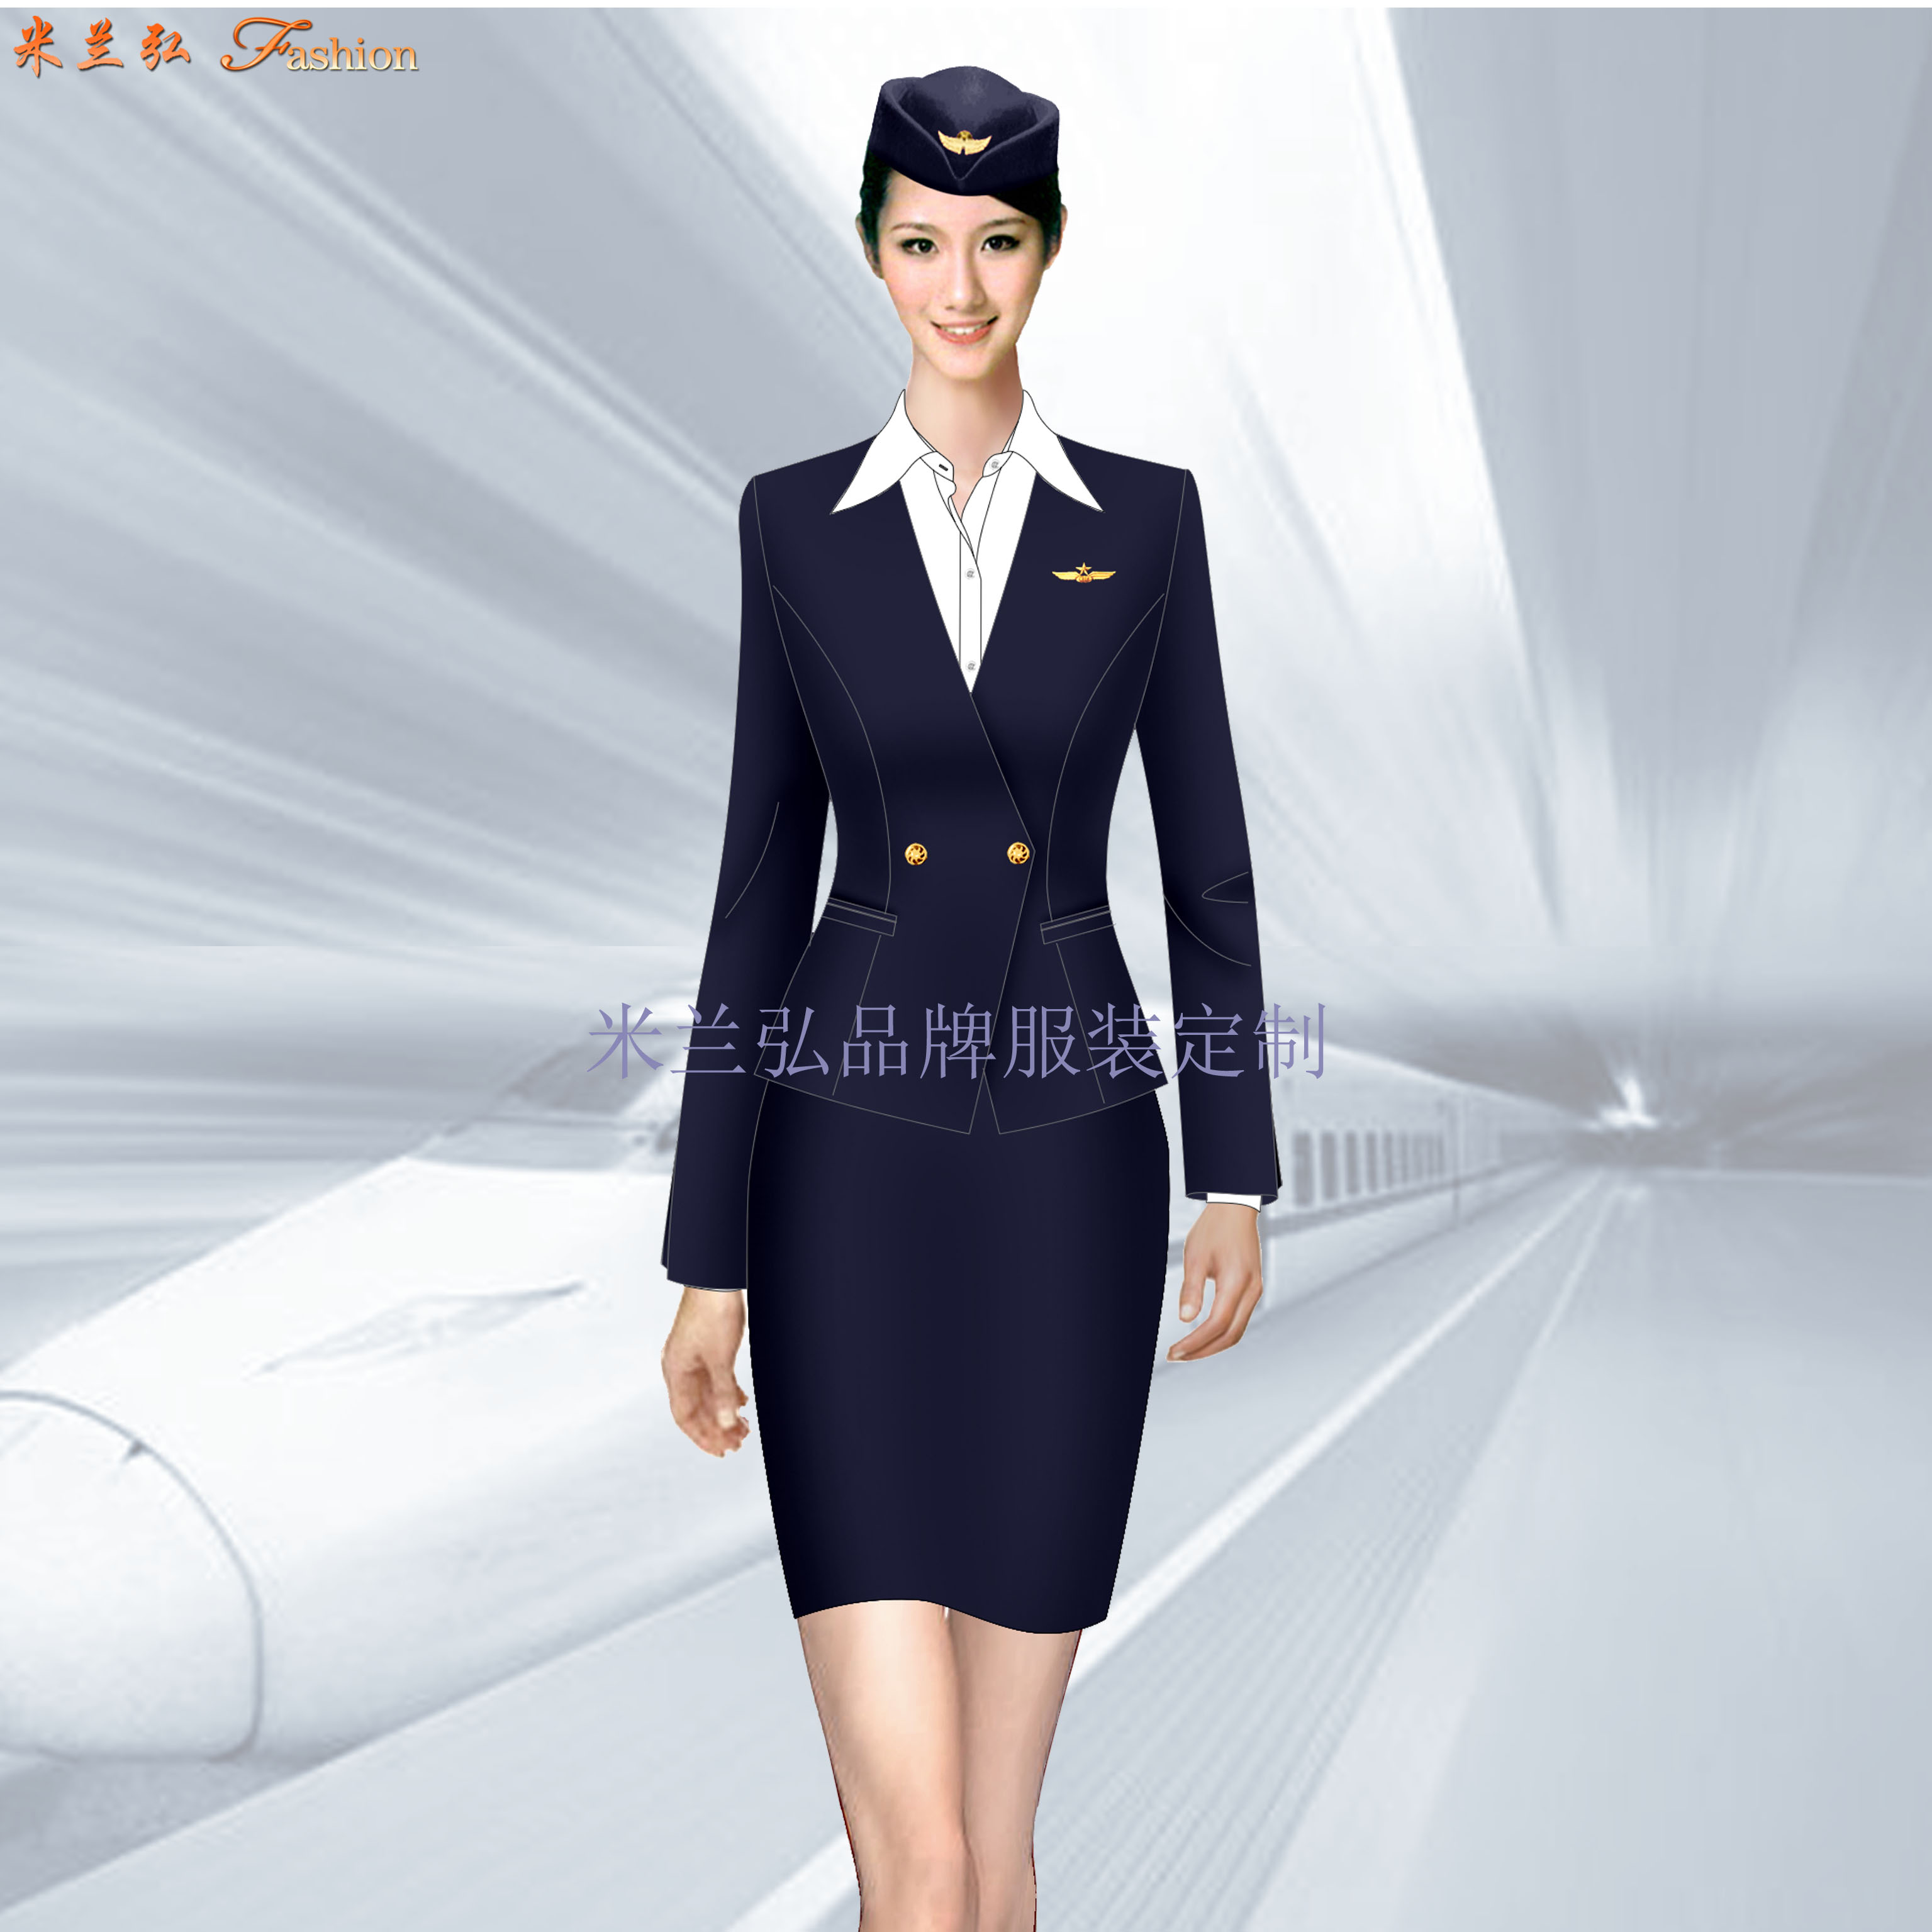 高鐵衣服價格-定做高鐵工作人員服裝-米蘭弘服裝廠家-5